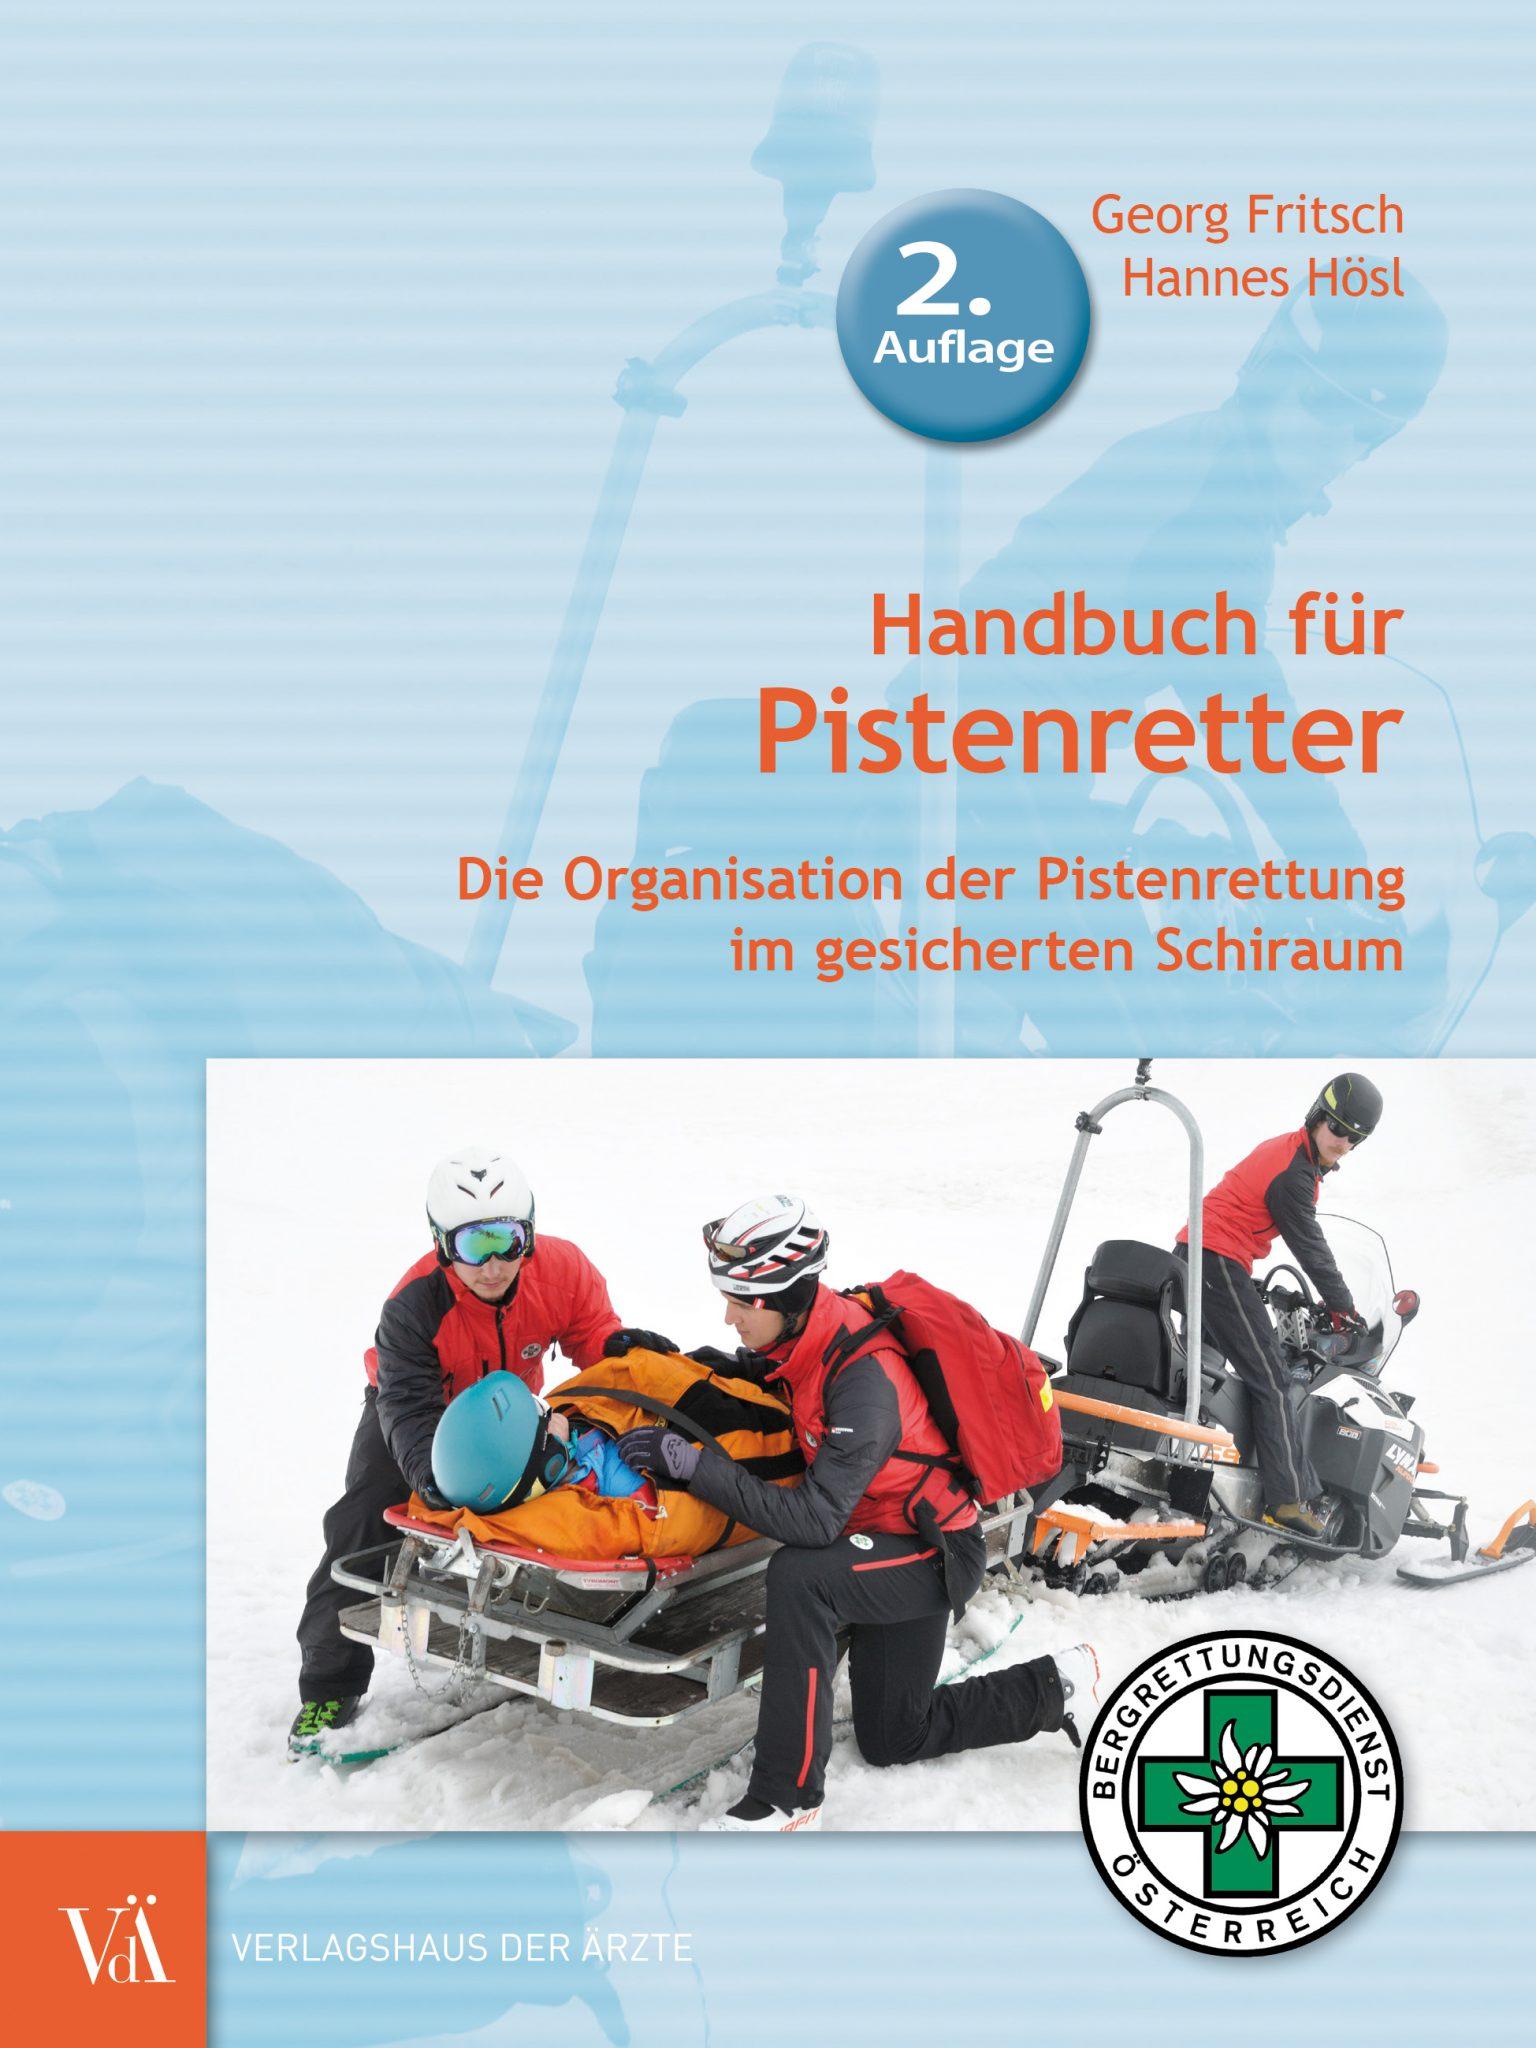 Georg Fritsch, Hannes Hösl Handbuch für Pistenretter / (c) Verlagshaus der Ärzte